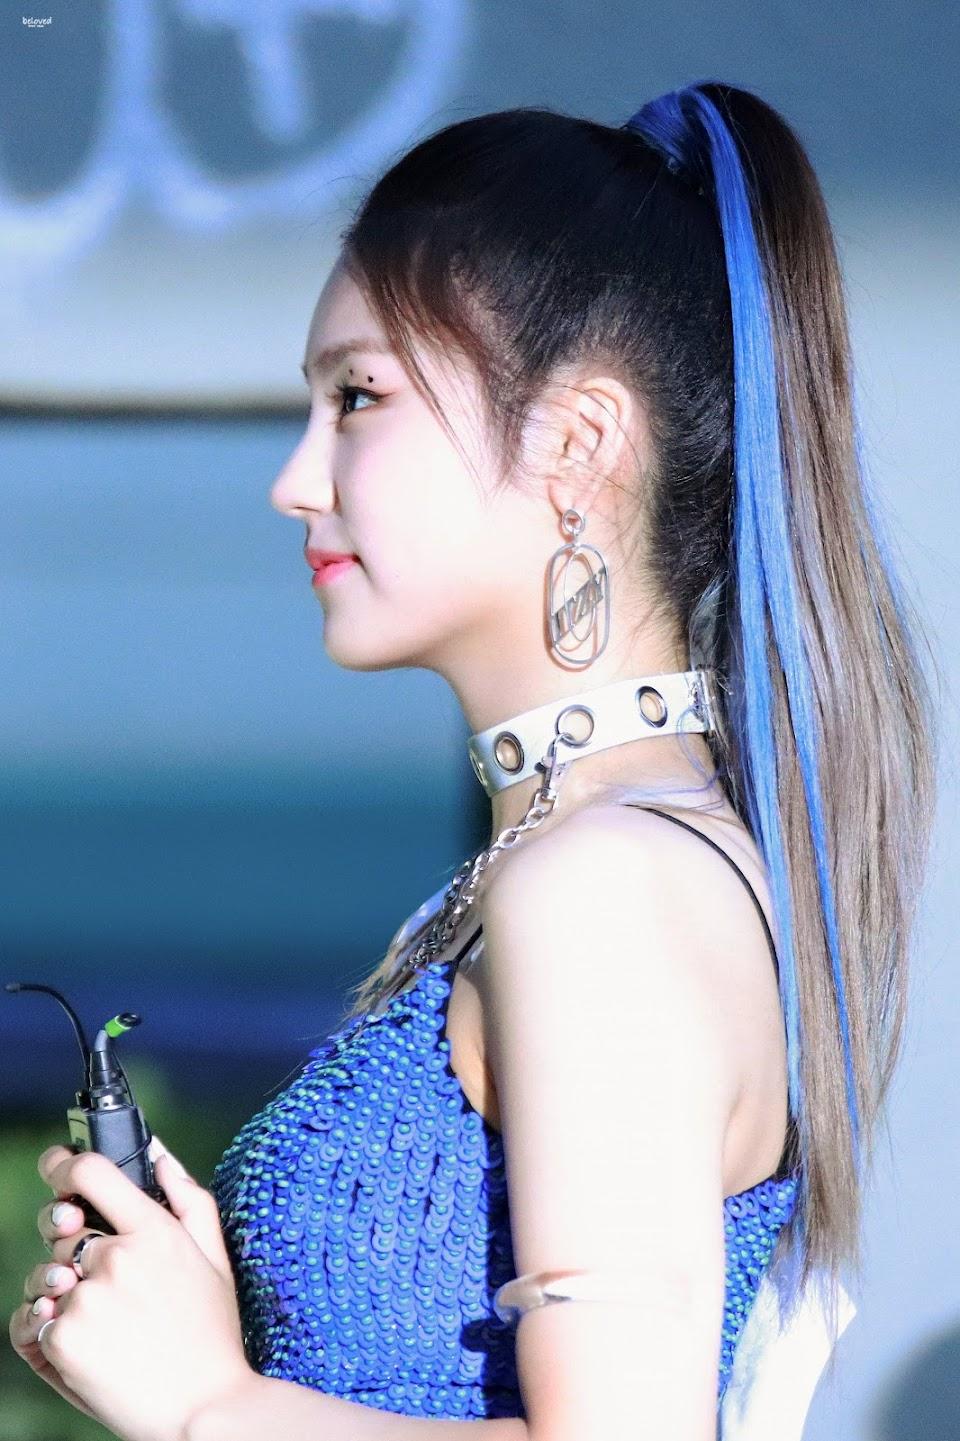 yeji profile 1